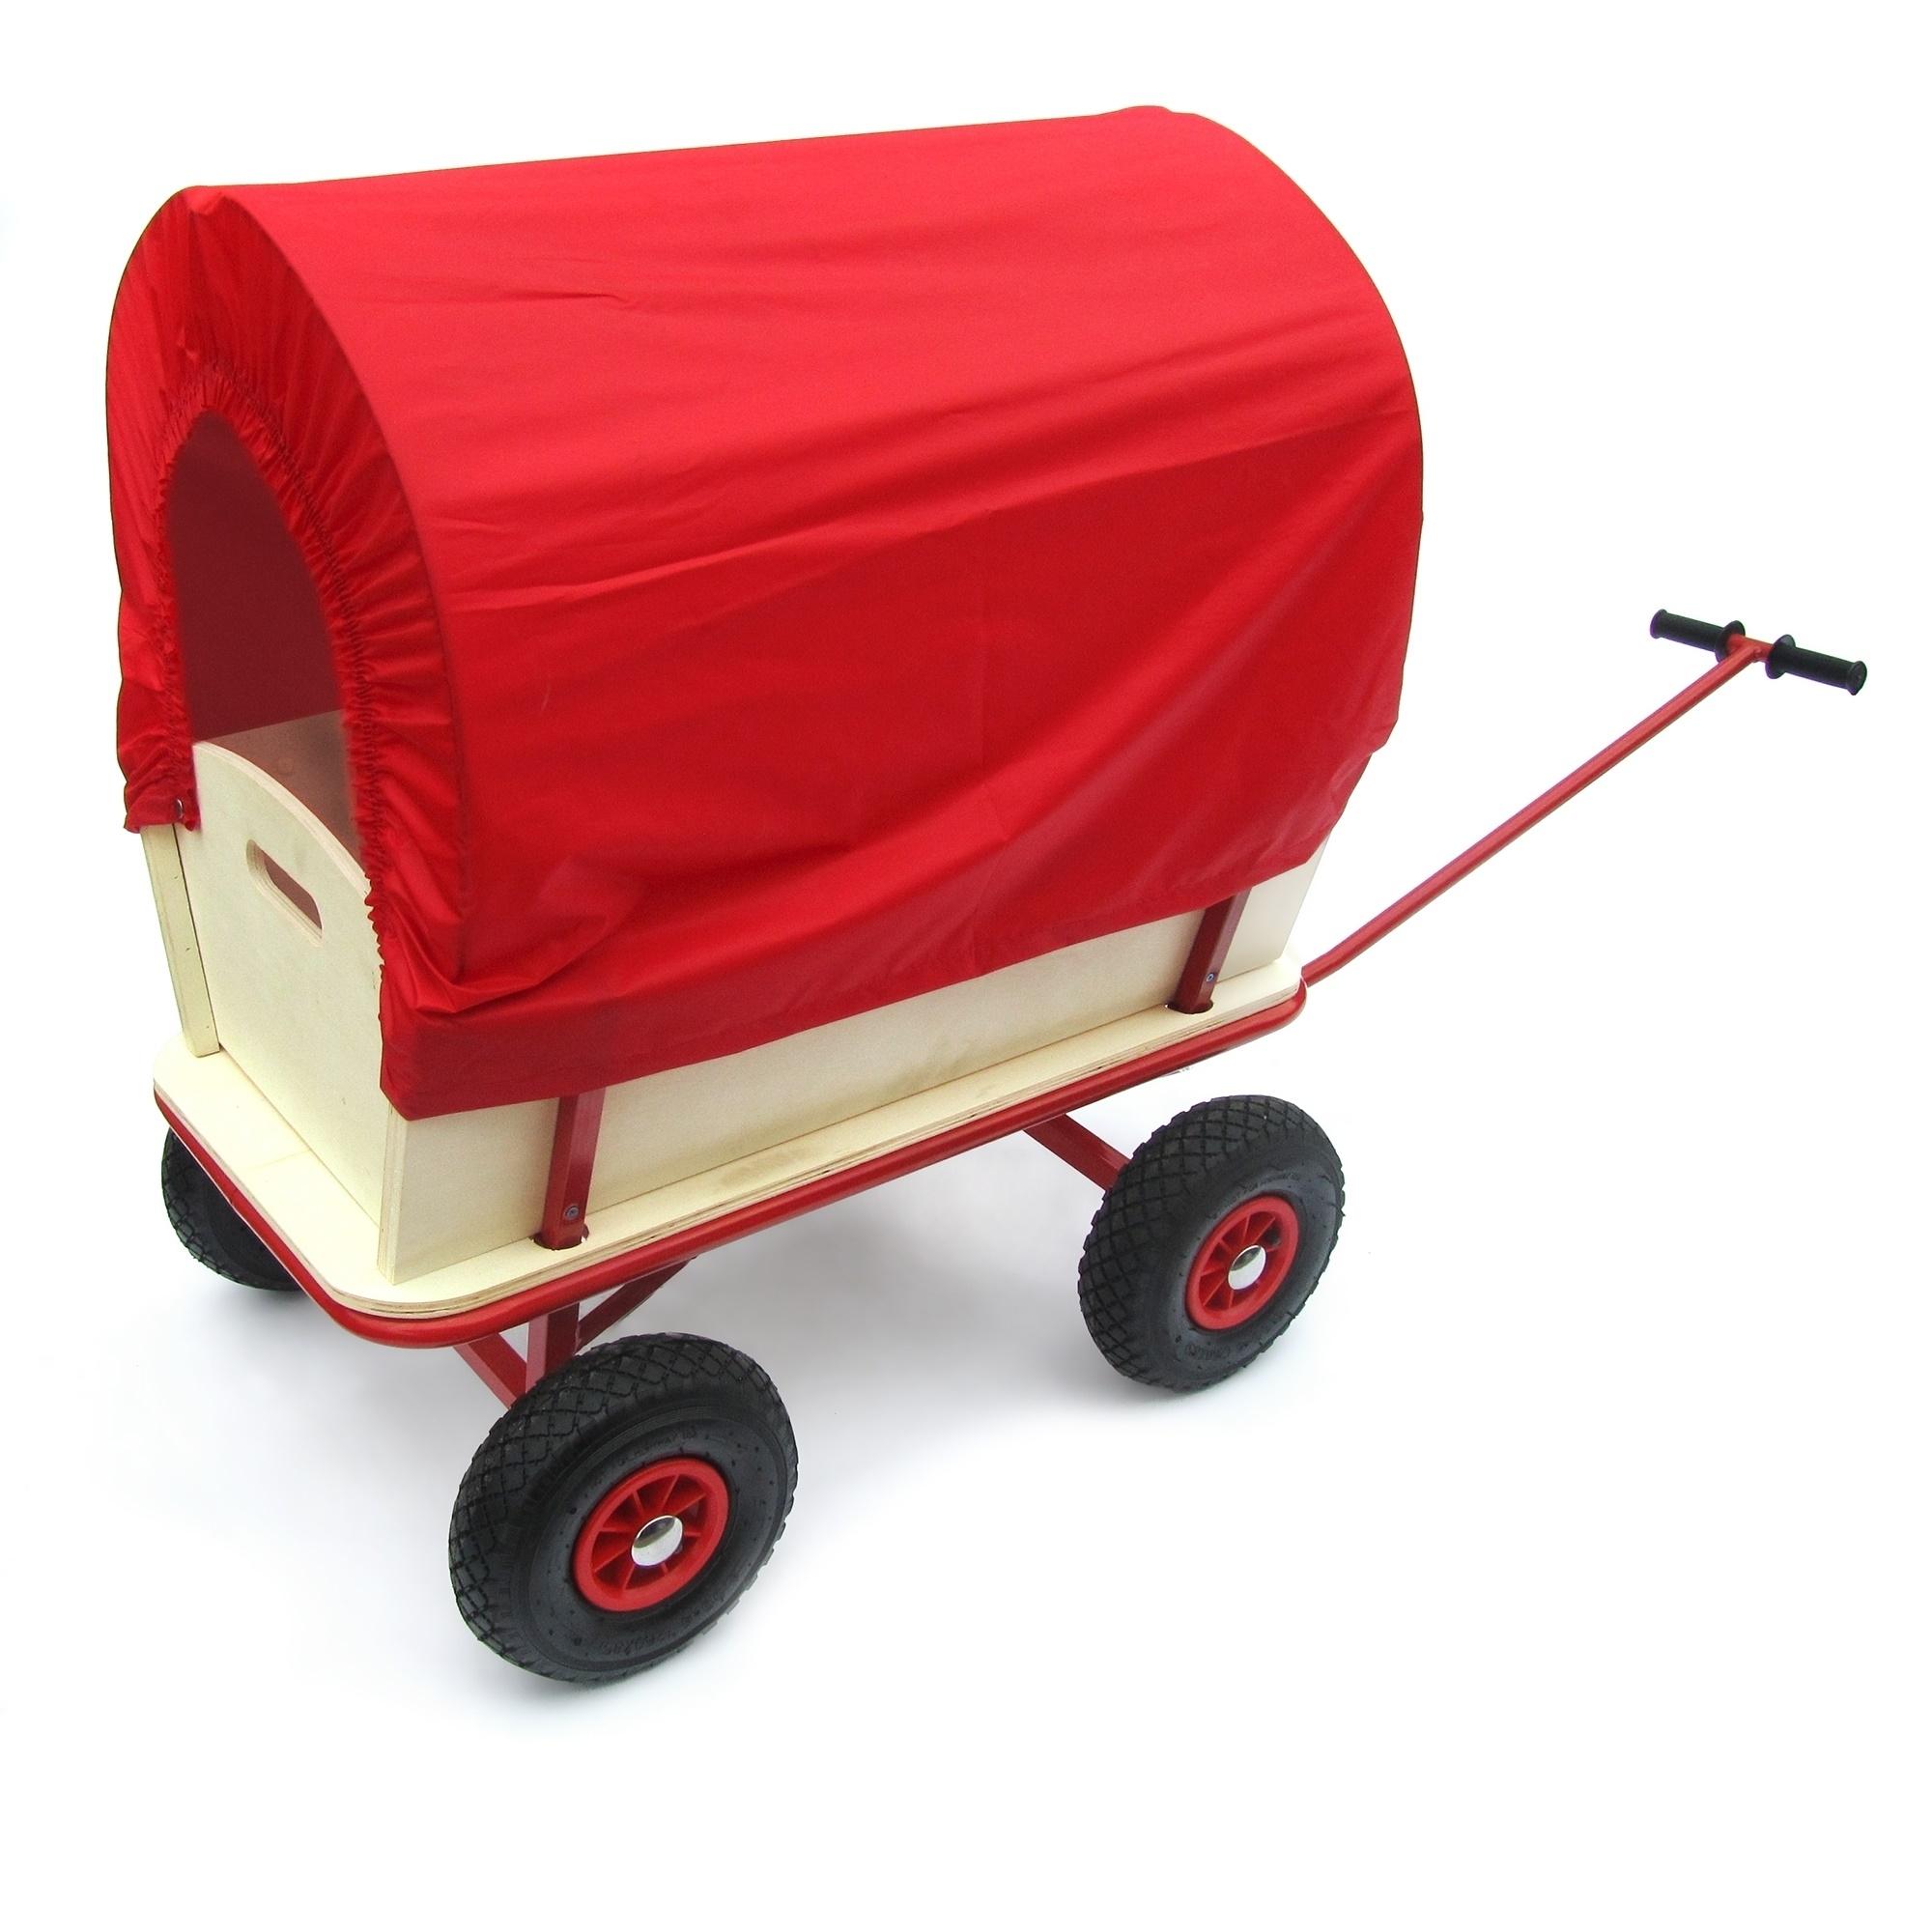 bollerwagen transportwagen handwagen wagen aus holz mit metallrahmen und plane rot. Black Bedroom Furniture Sets. Home Design Ideas